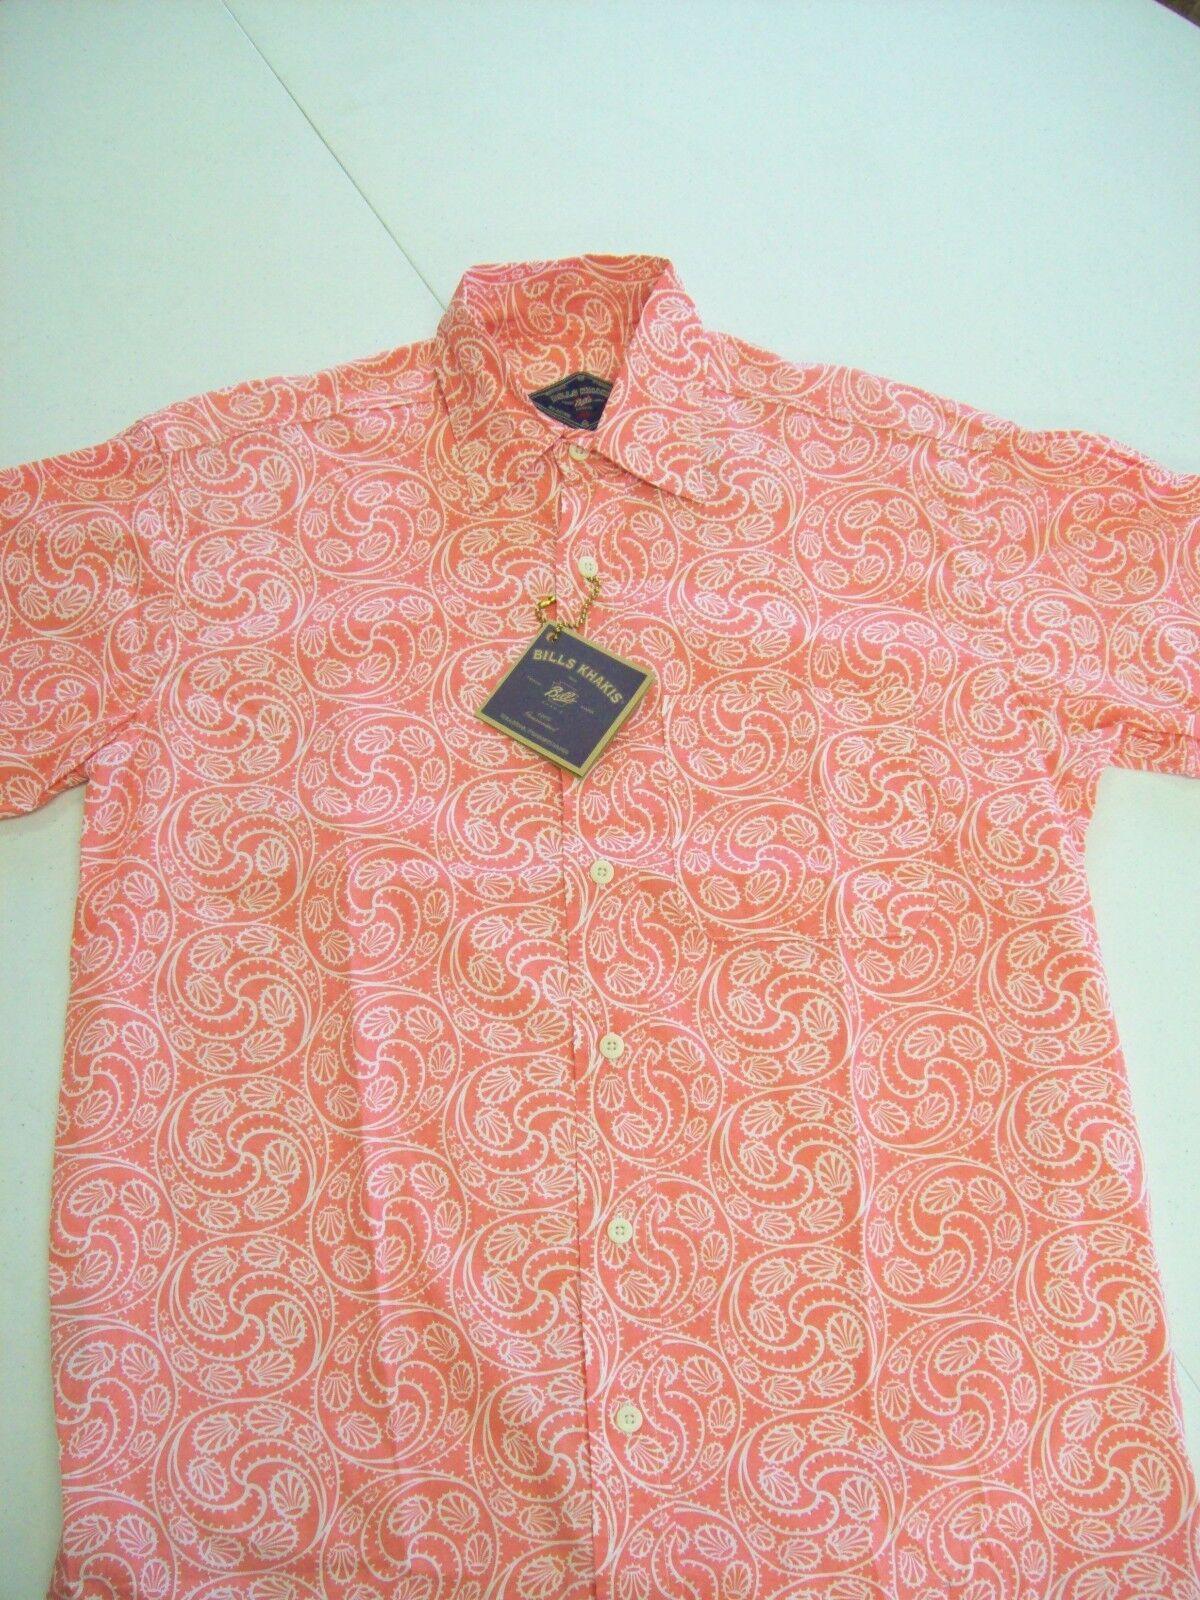 Bills Khakis Cotton Beach Shirt Short Sleeve Sport Shirt NWT Small